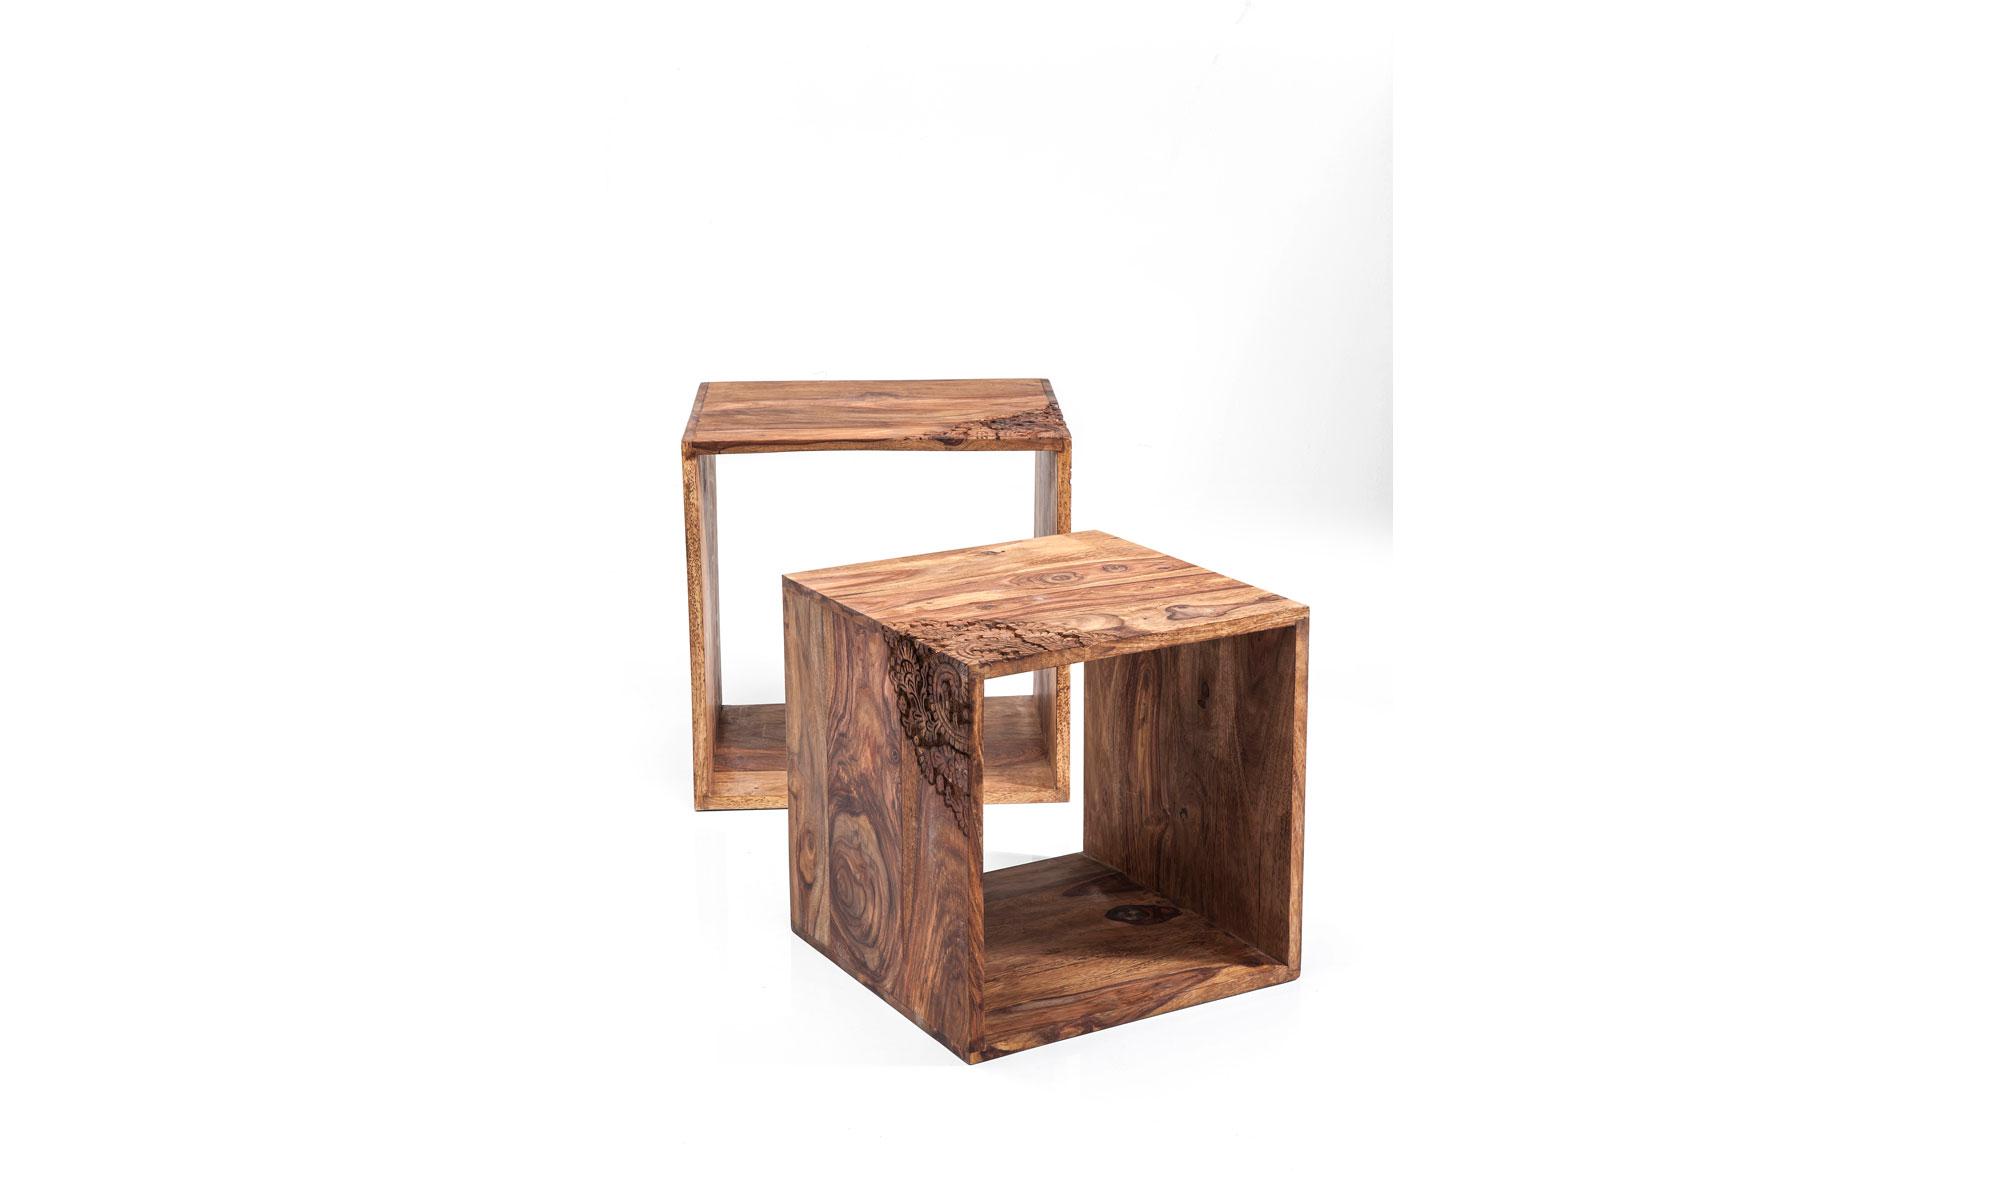 Muebles madera tallada 20170827145058 for Muebles madera natural